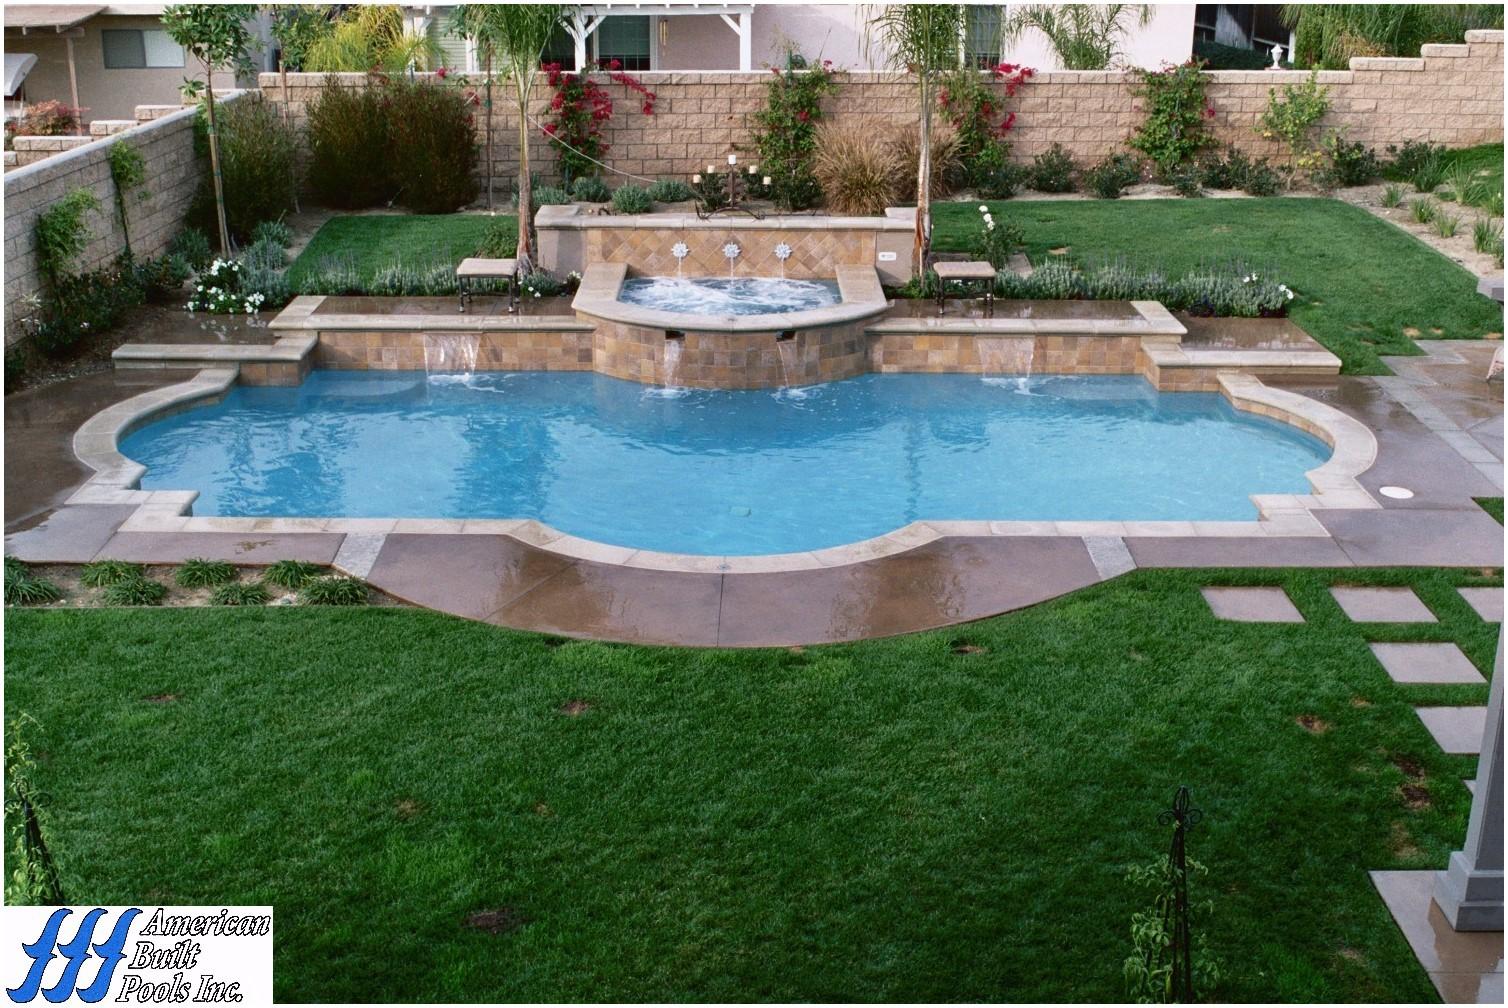 Roman Grecian American Built Pools